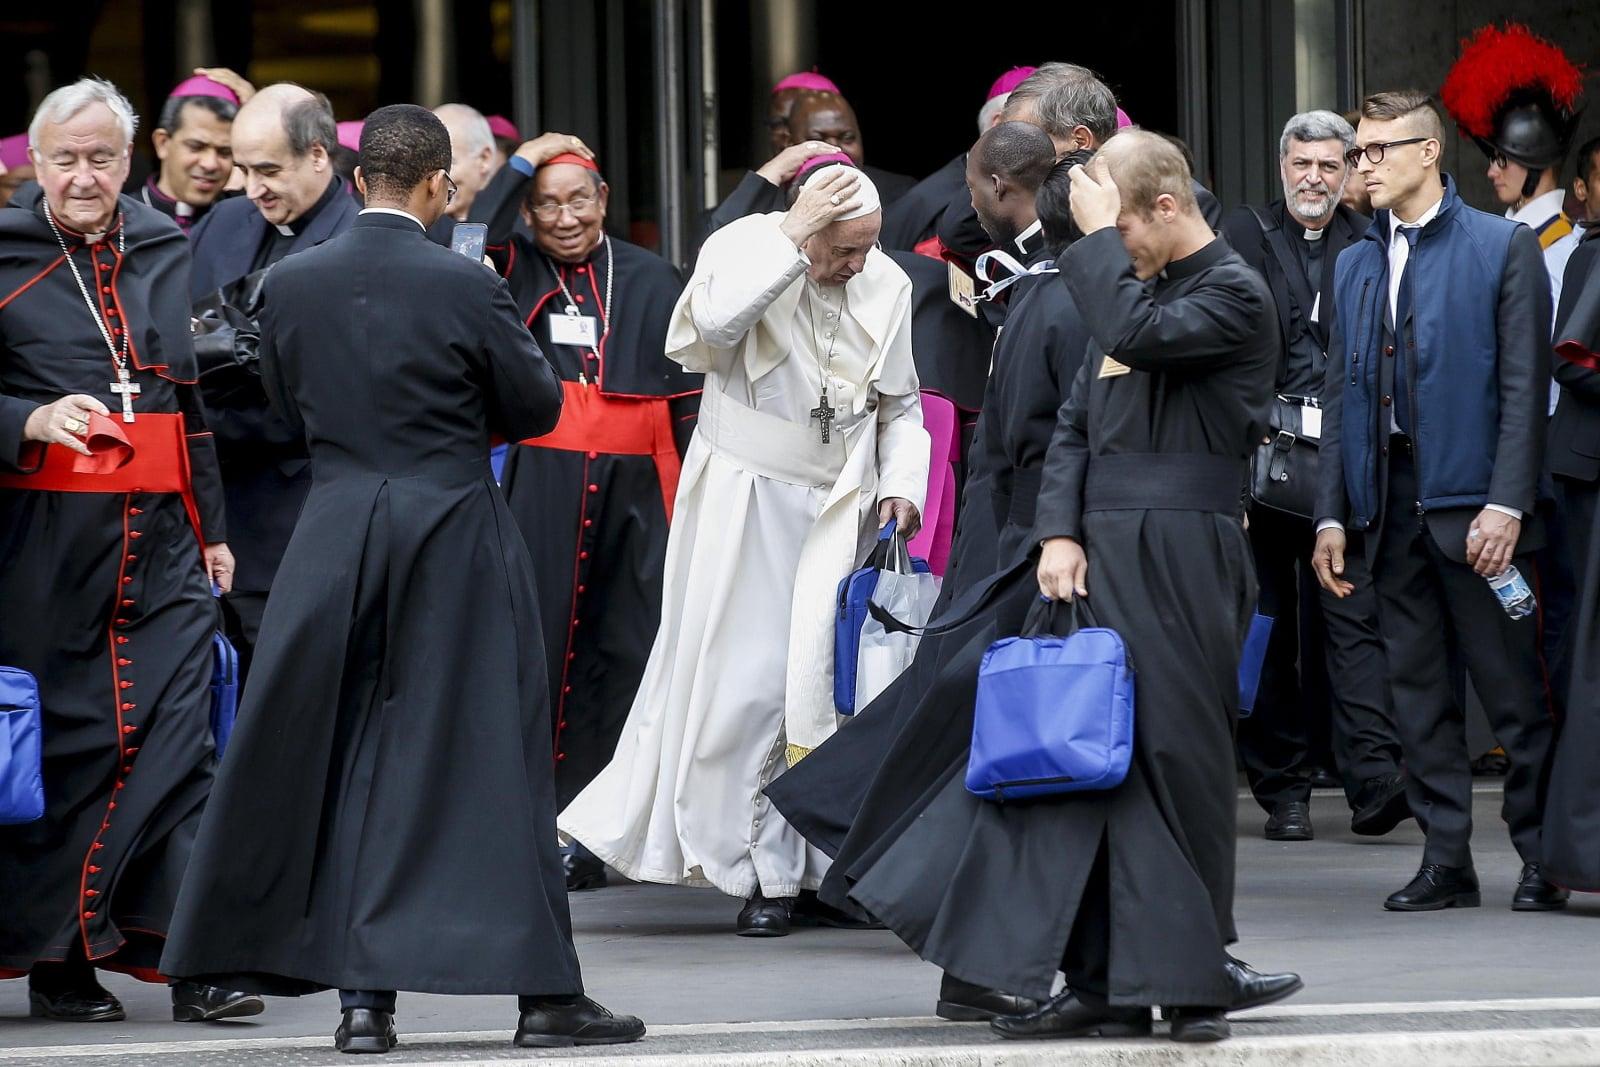 Papież Franciszek po zakończonych obradach Synodu Biskupów nt. młodzieży, fot. EPA/FABIO FRUSTACI